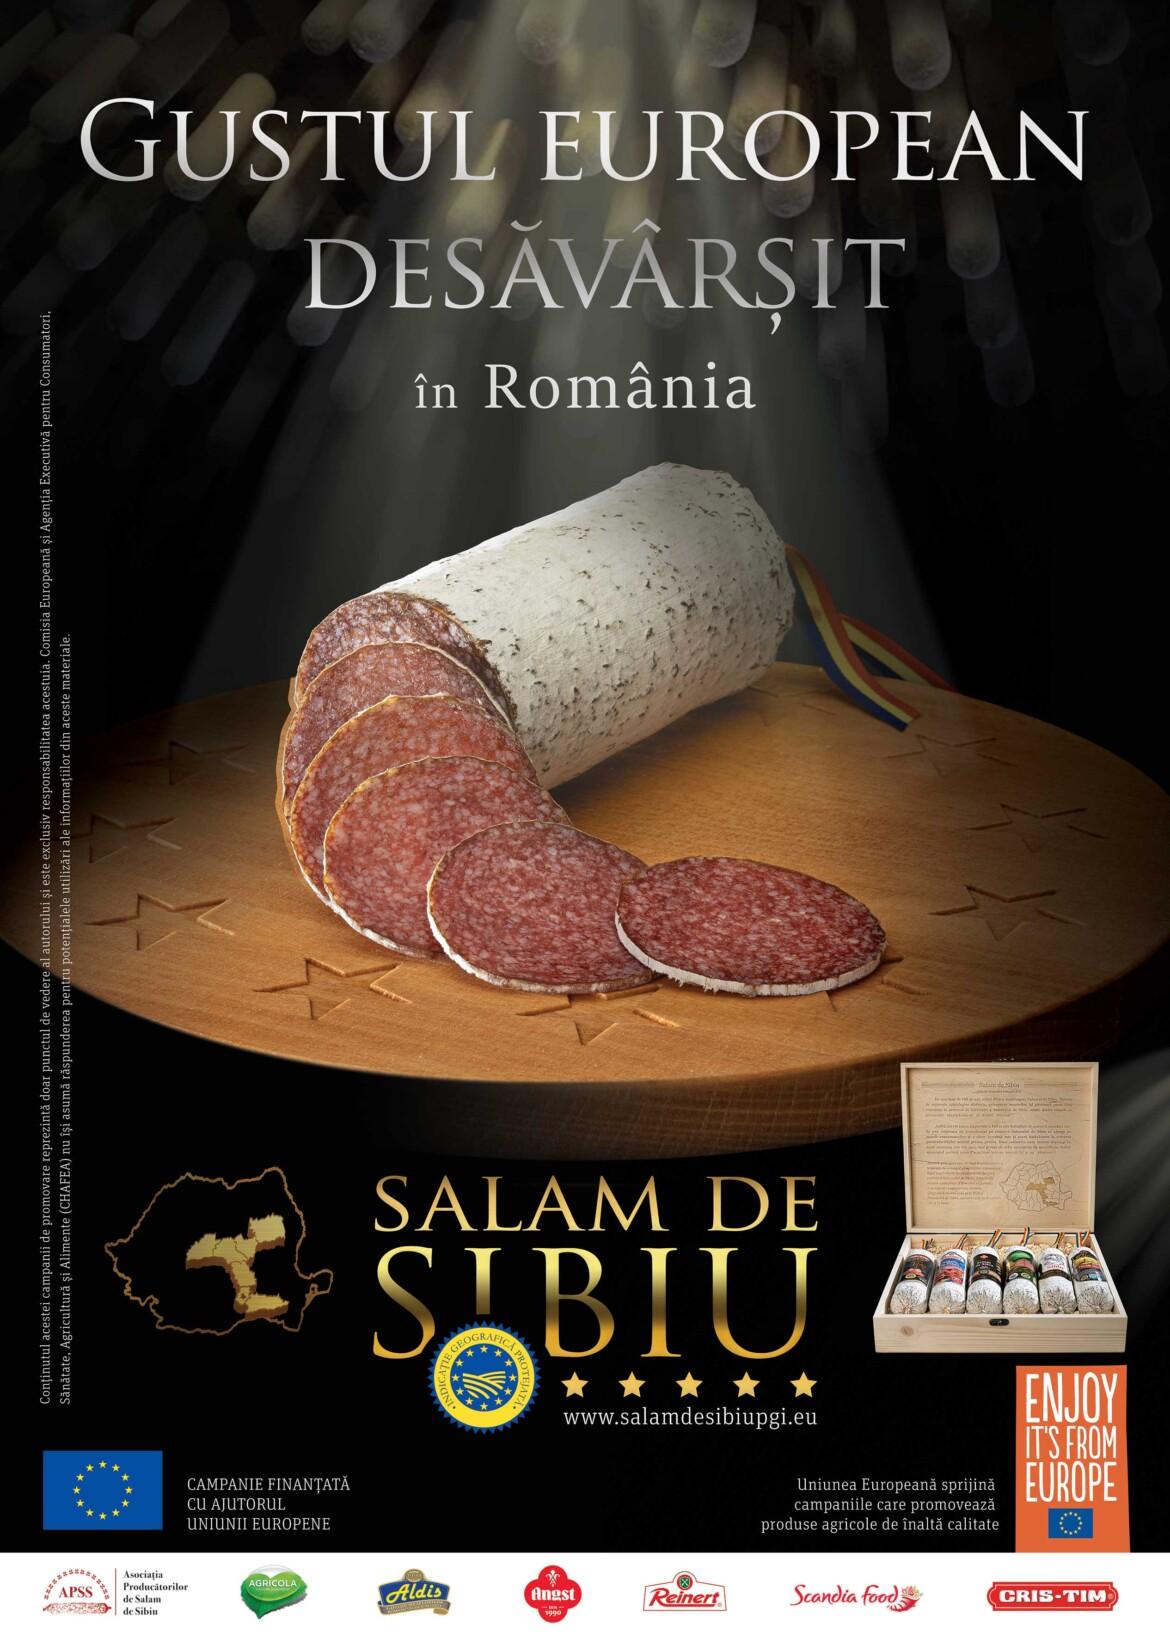 Premiera! Prima campanie integrata din Romania pentru un produs cu IGP – Salam de Sibiu